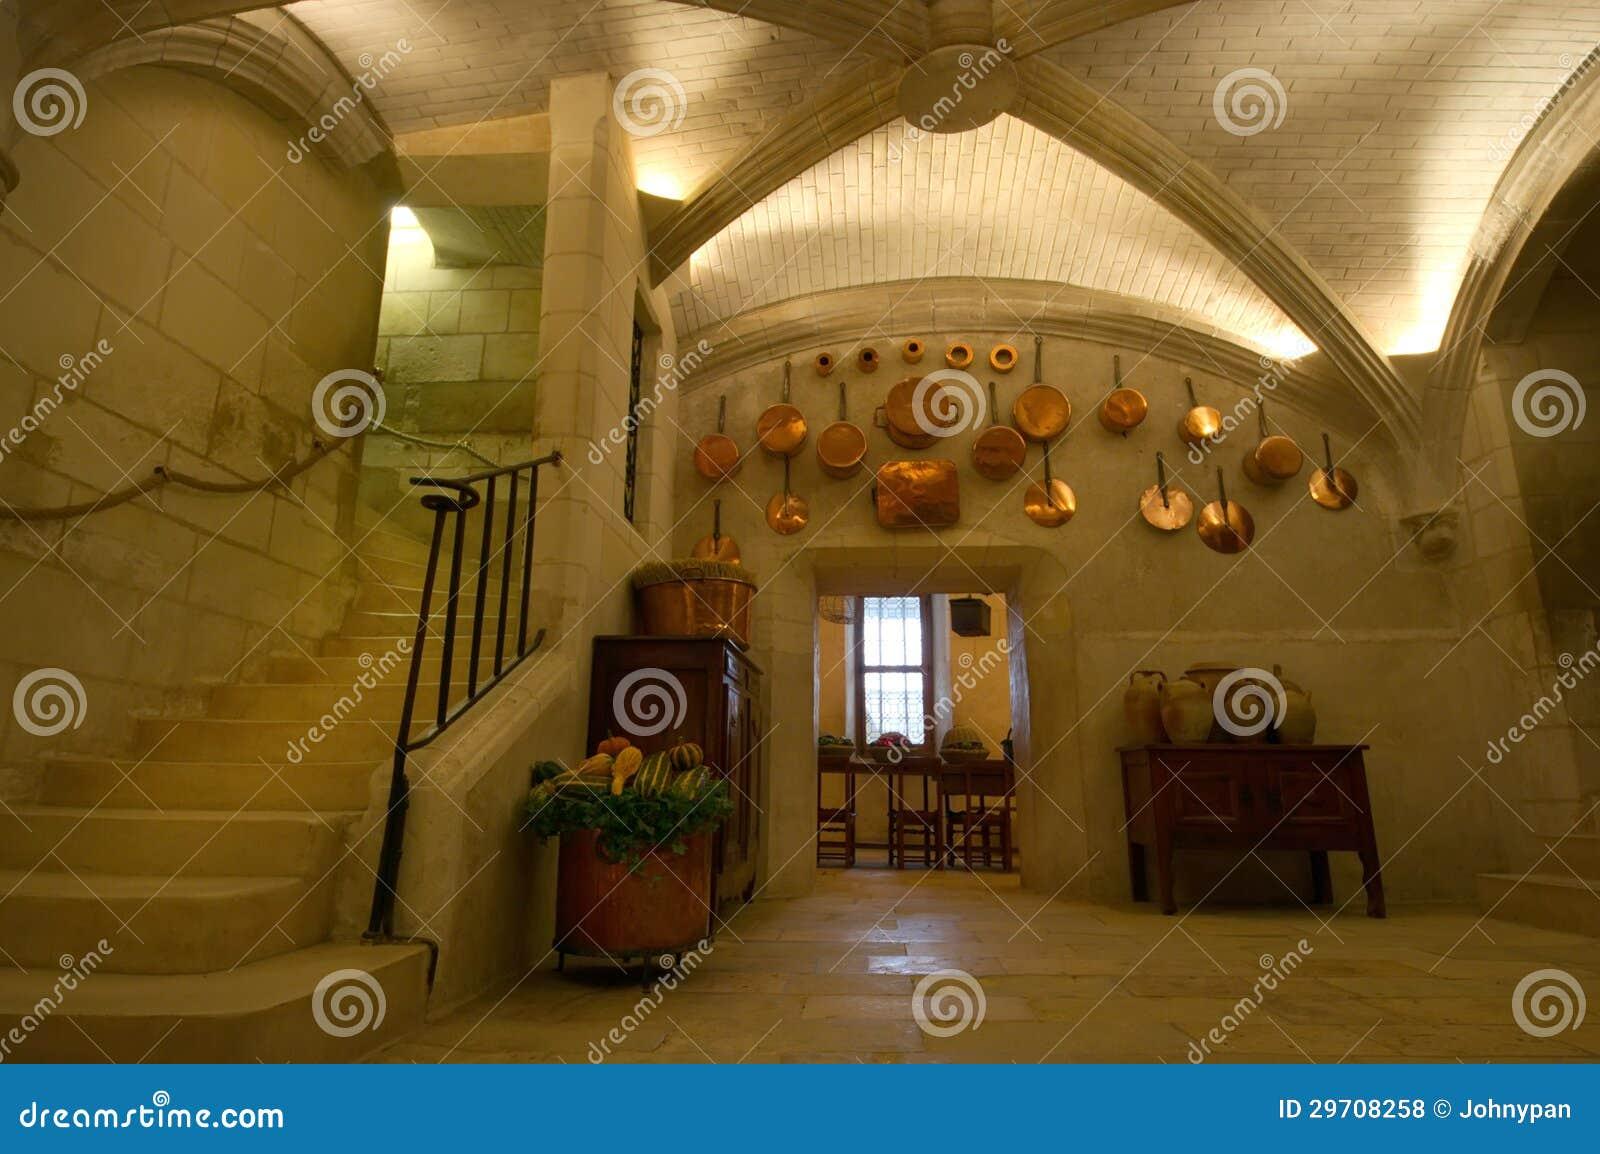 Rustic Star Kitchen Decor Medieval Kitchen Design Medieval Kitchen Design Hilary Duff Dark